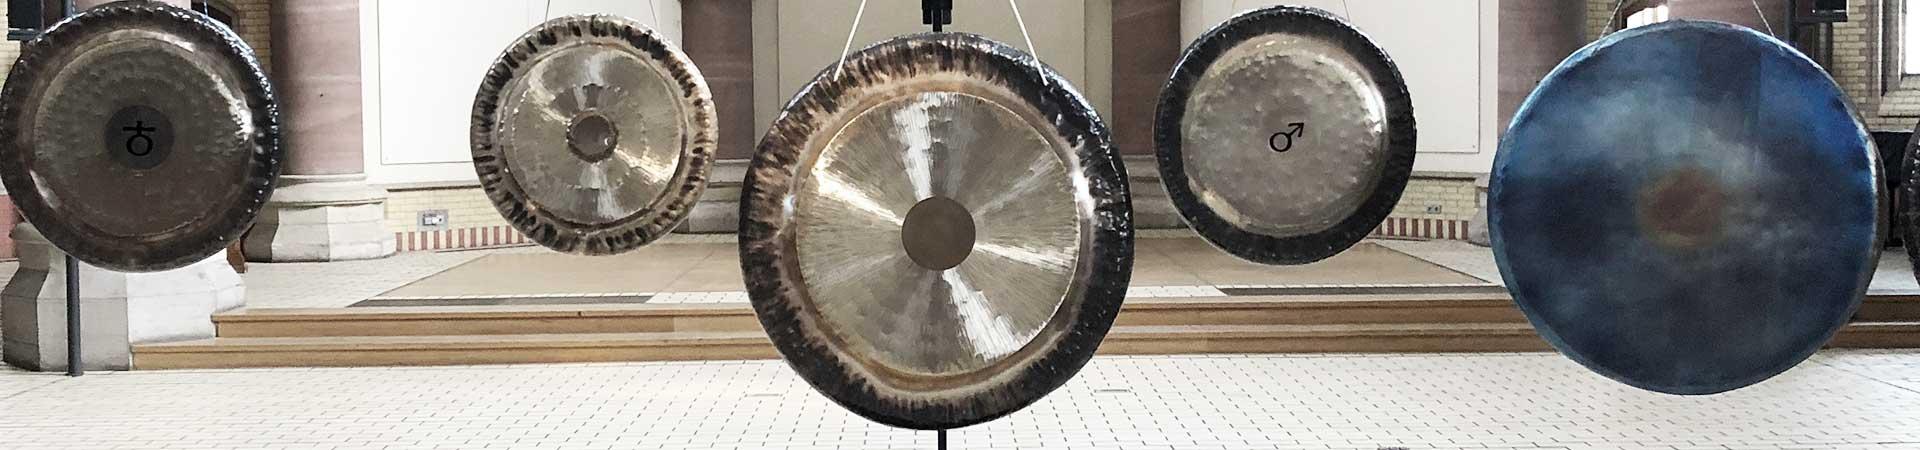 Gongkonzerte von Peter Heeren